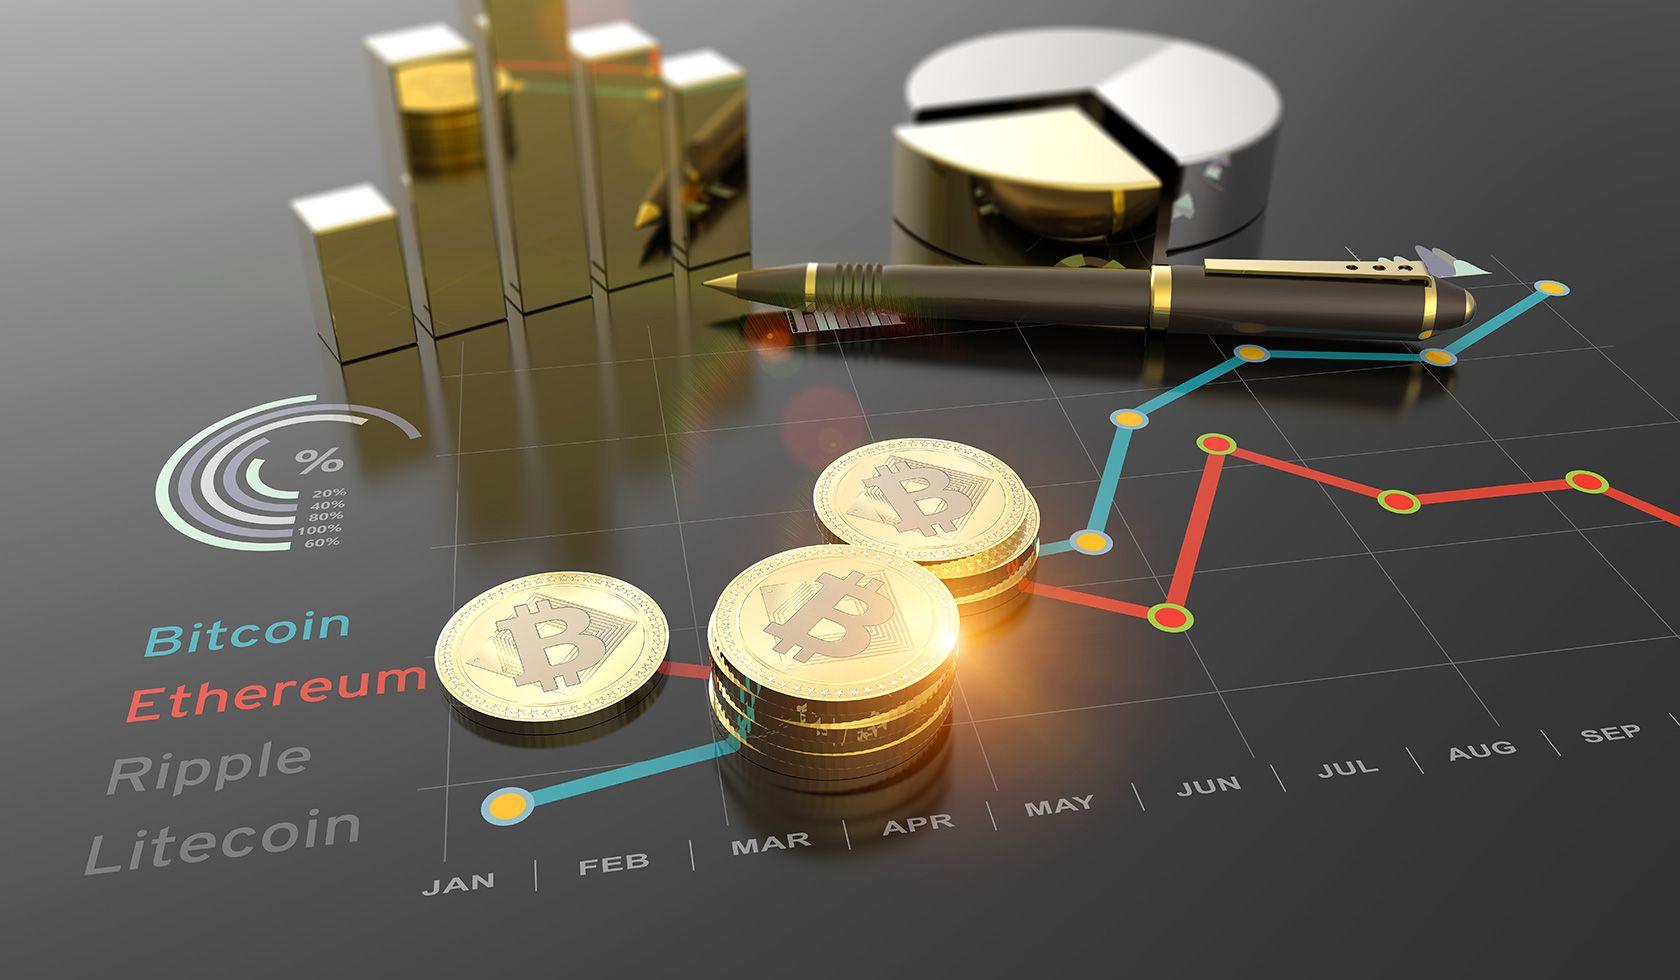 comment investir dans la crypto monnaie ripple